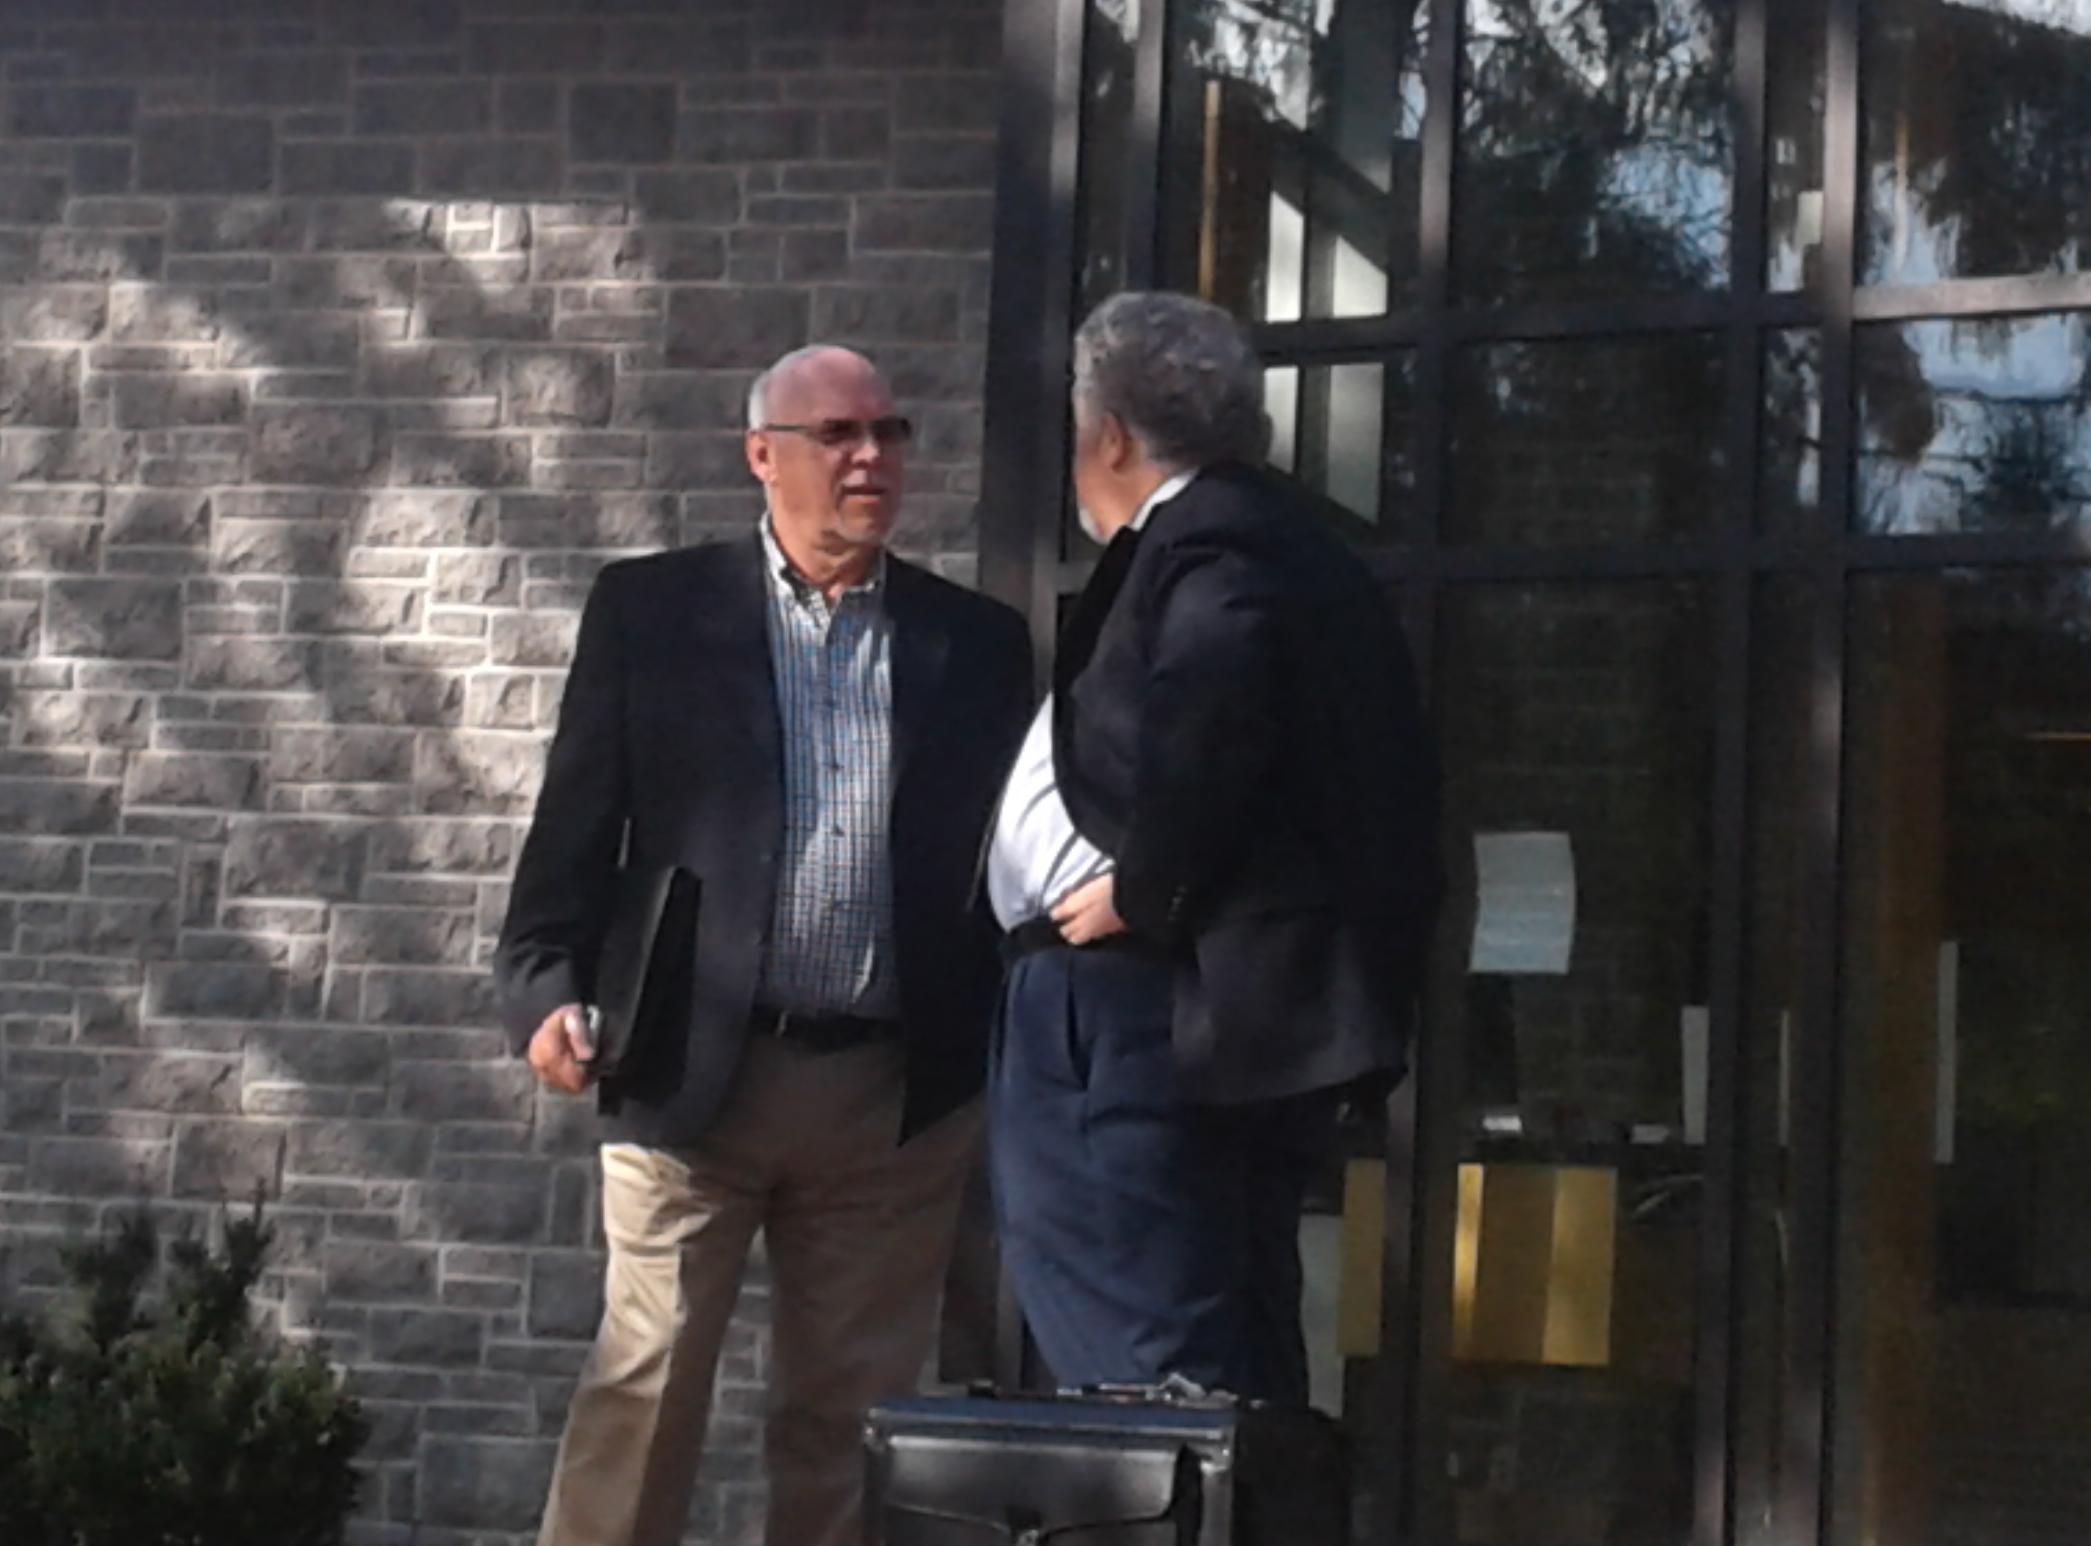 Former Springwater deputy mayor Dan McLean confers with his lawyer Jack Siegel -Kate Harries photo